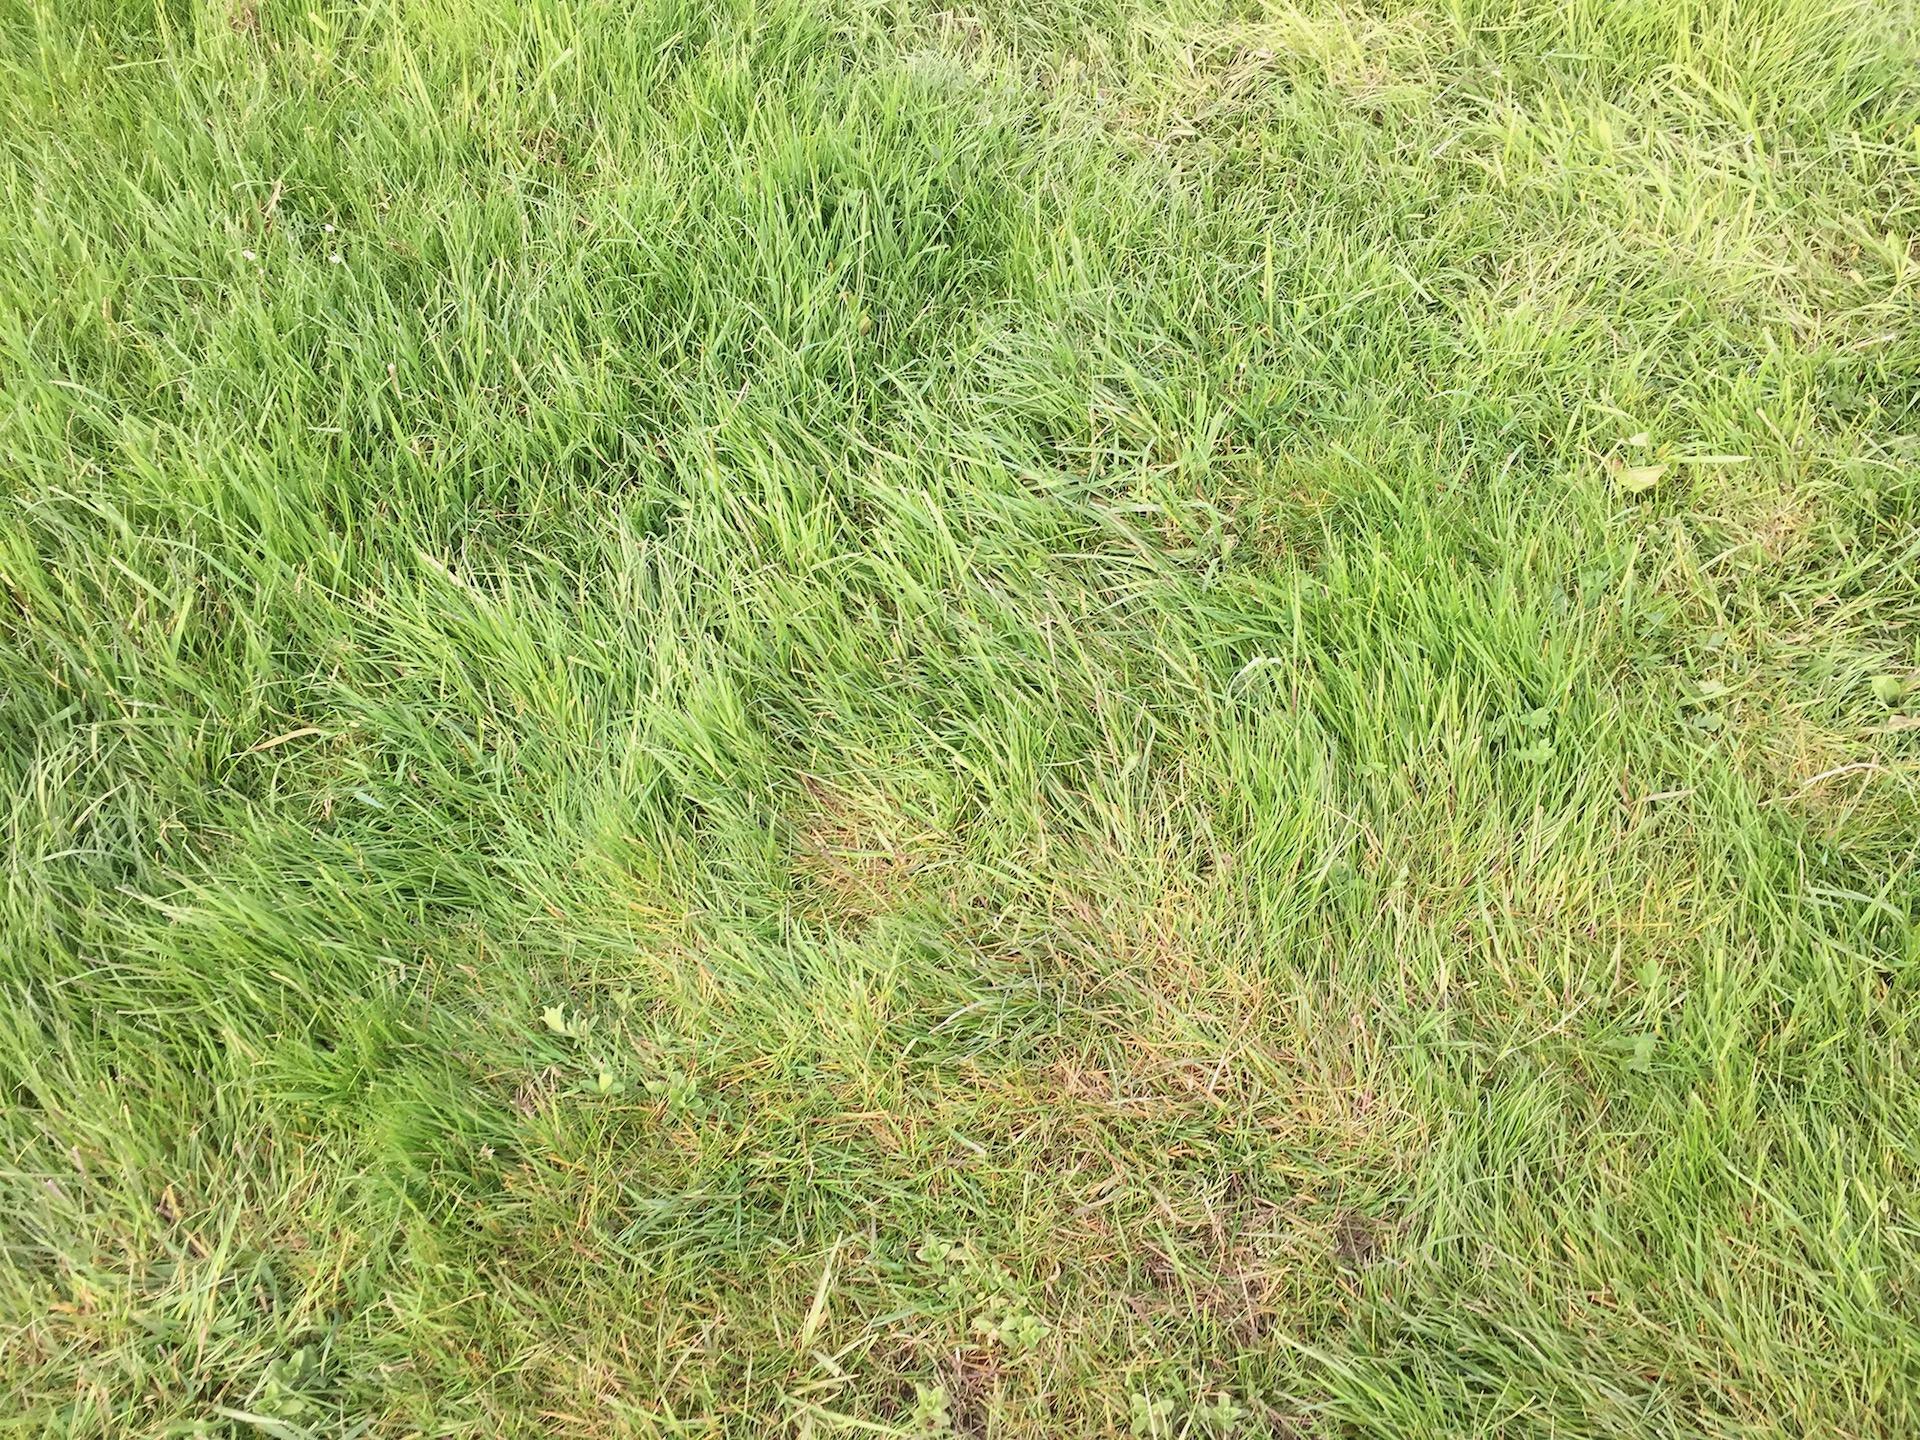 Mum-Grass-12x16cm